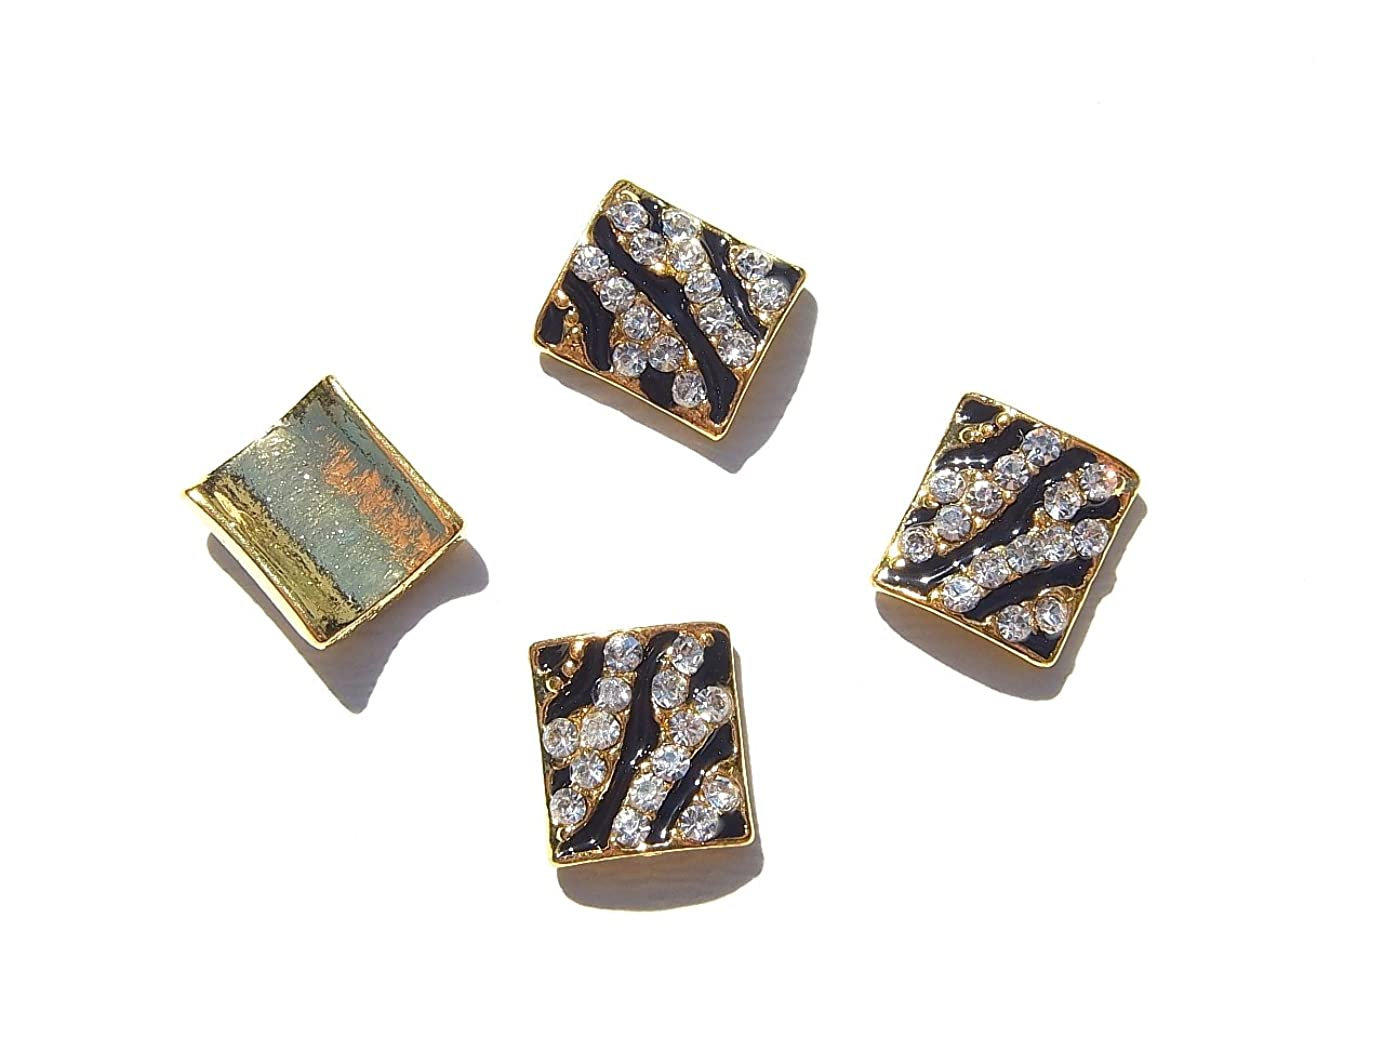 軸また部族【jewel】ジュエリーネイル ゼブラ デコパーツ K 縦9mm 横7.5mm 手芸 材料 ネイルアート パーツ 素材 レジンパーツ